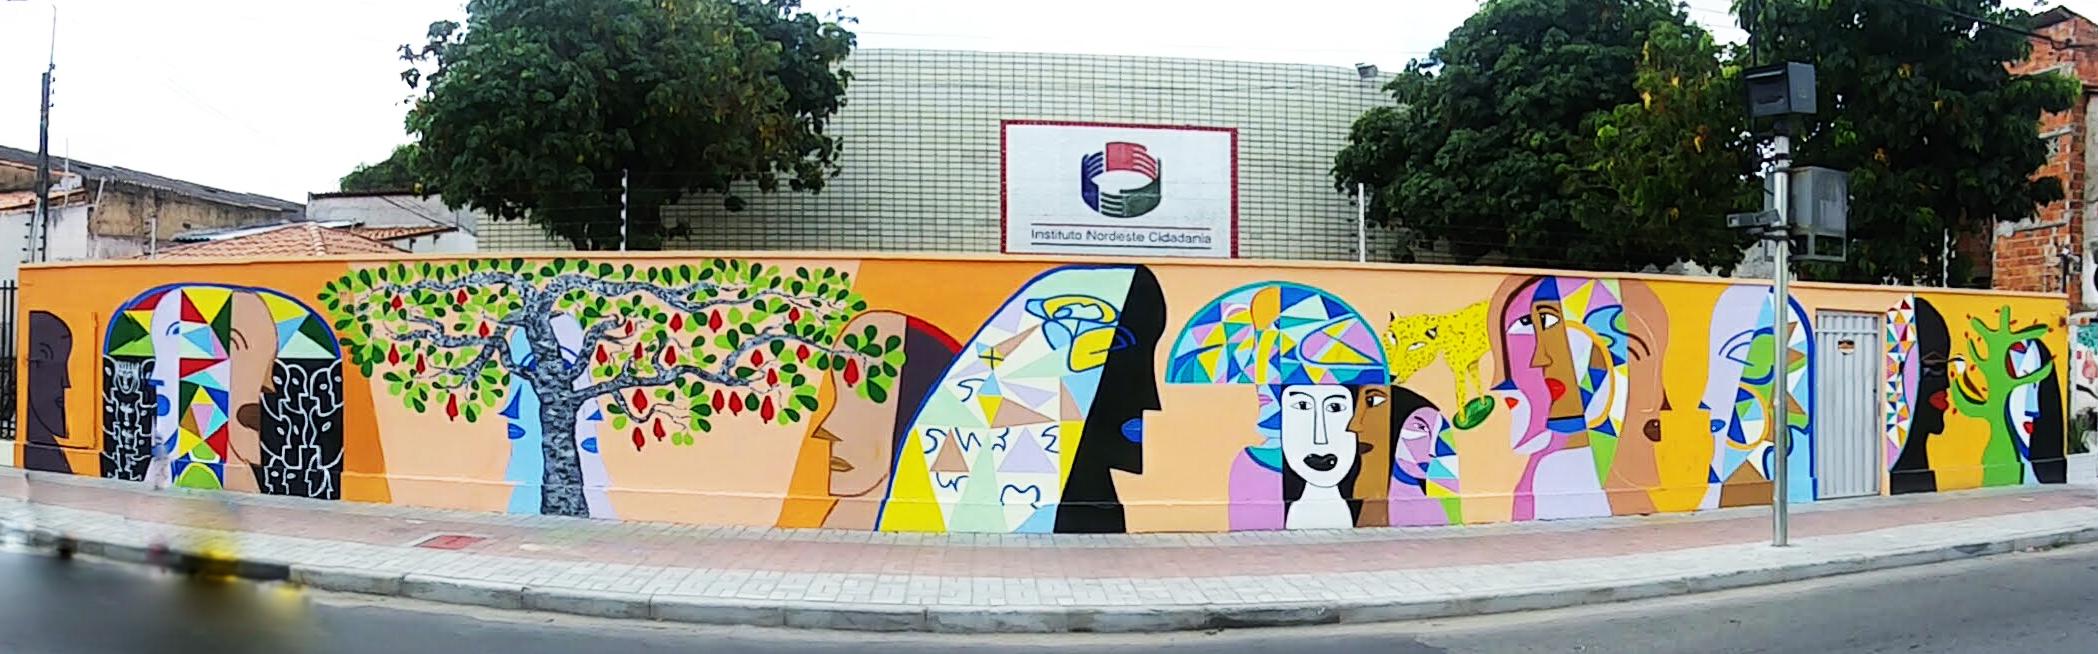 Mural Inec